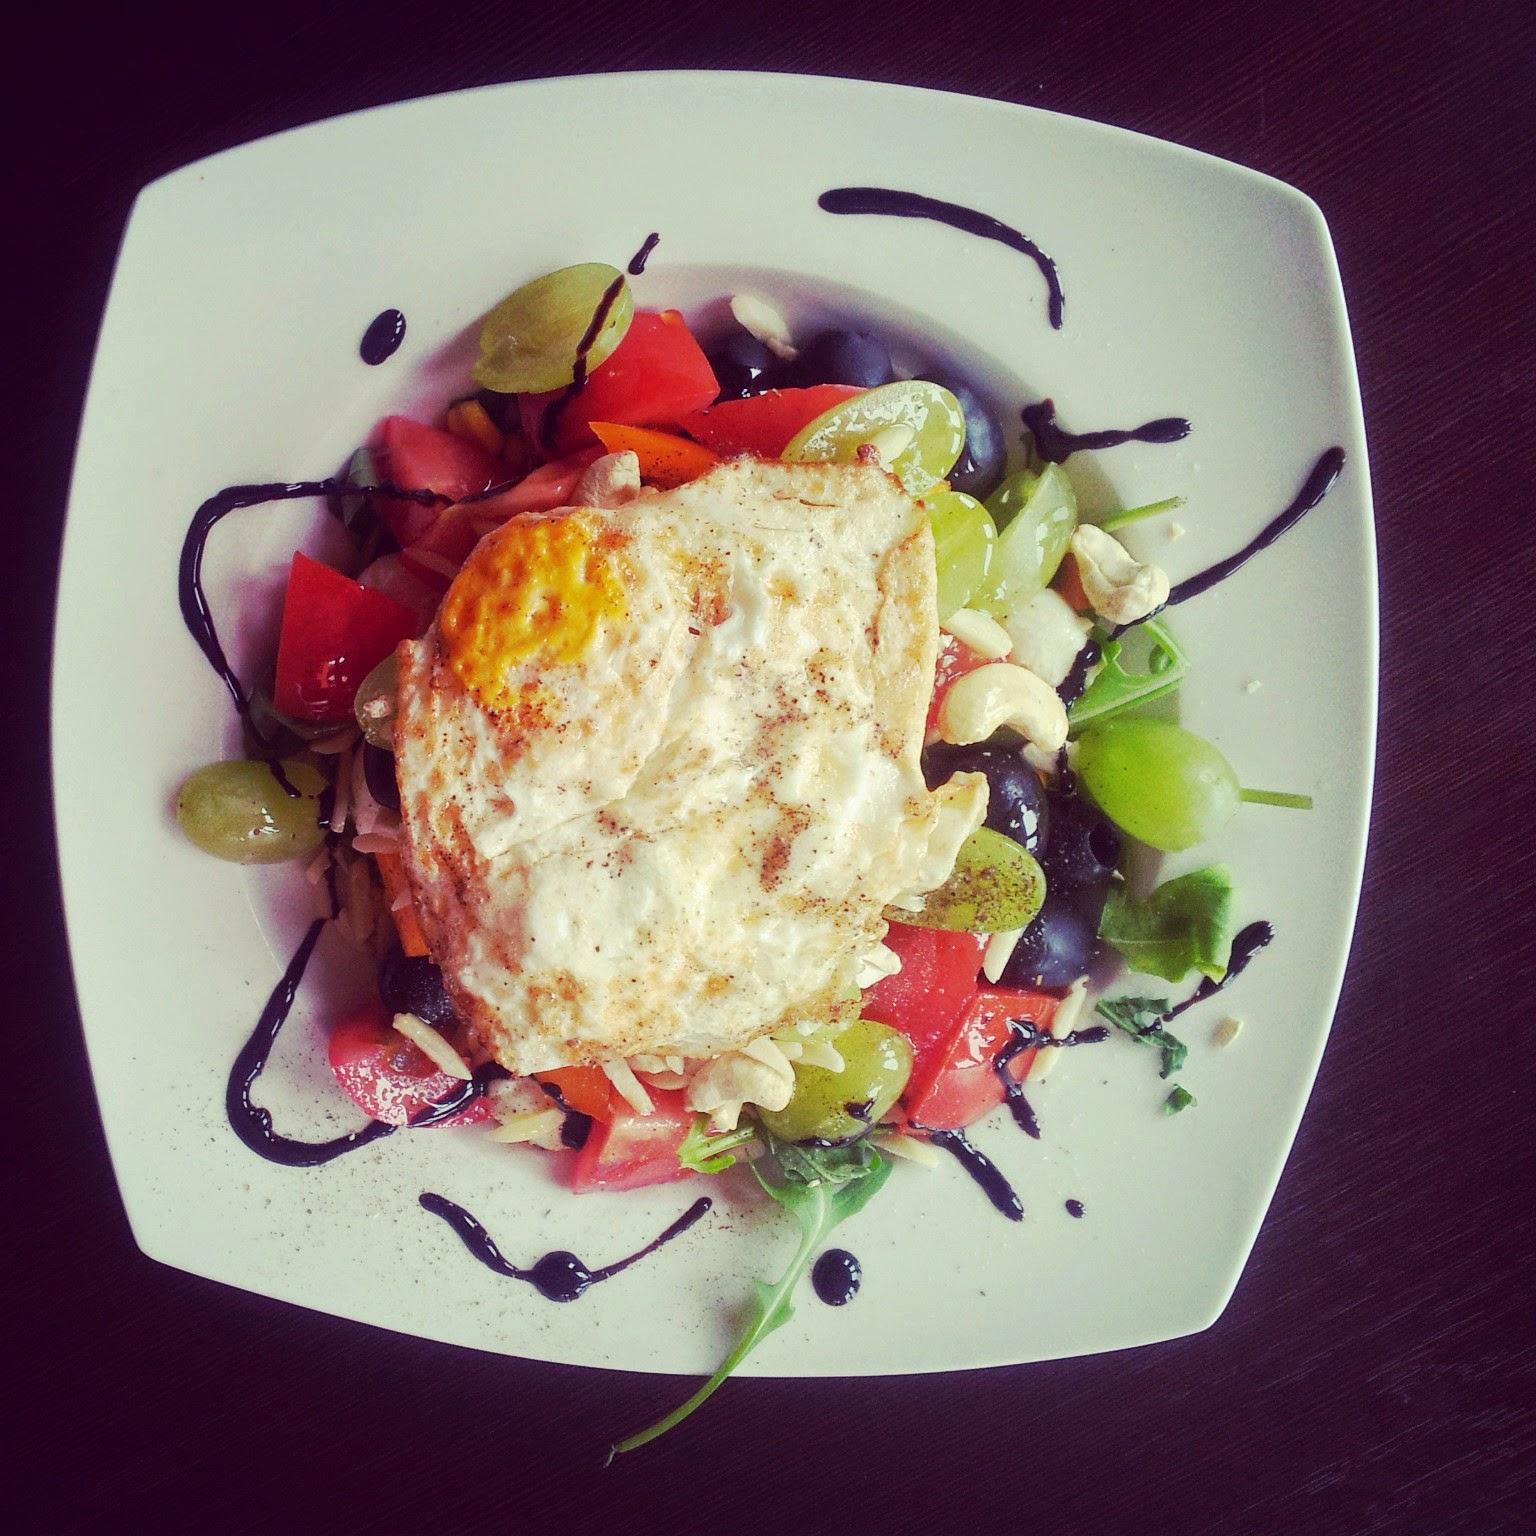 sałatka,rukola,ser mozarella,pomarańczowa papryka,jajko sadzone,winogrono